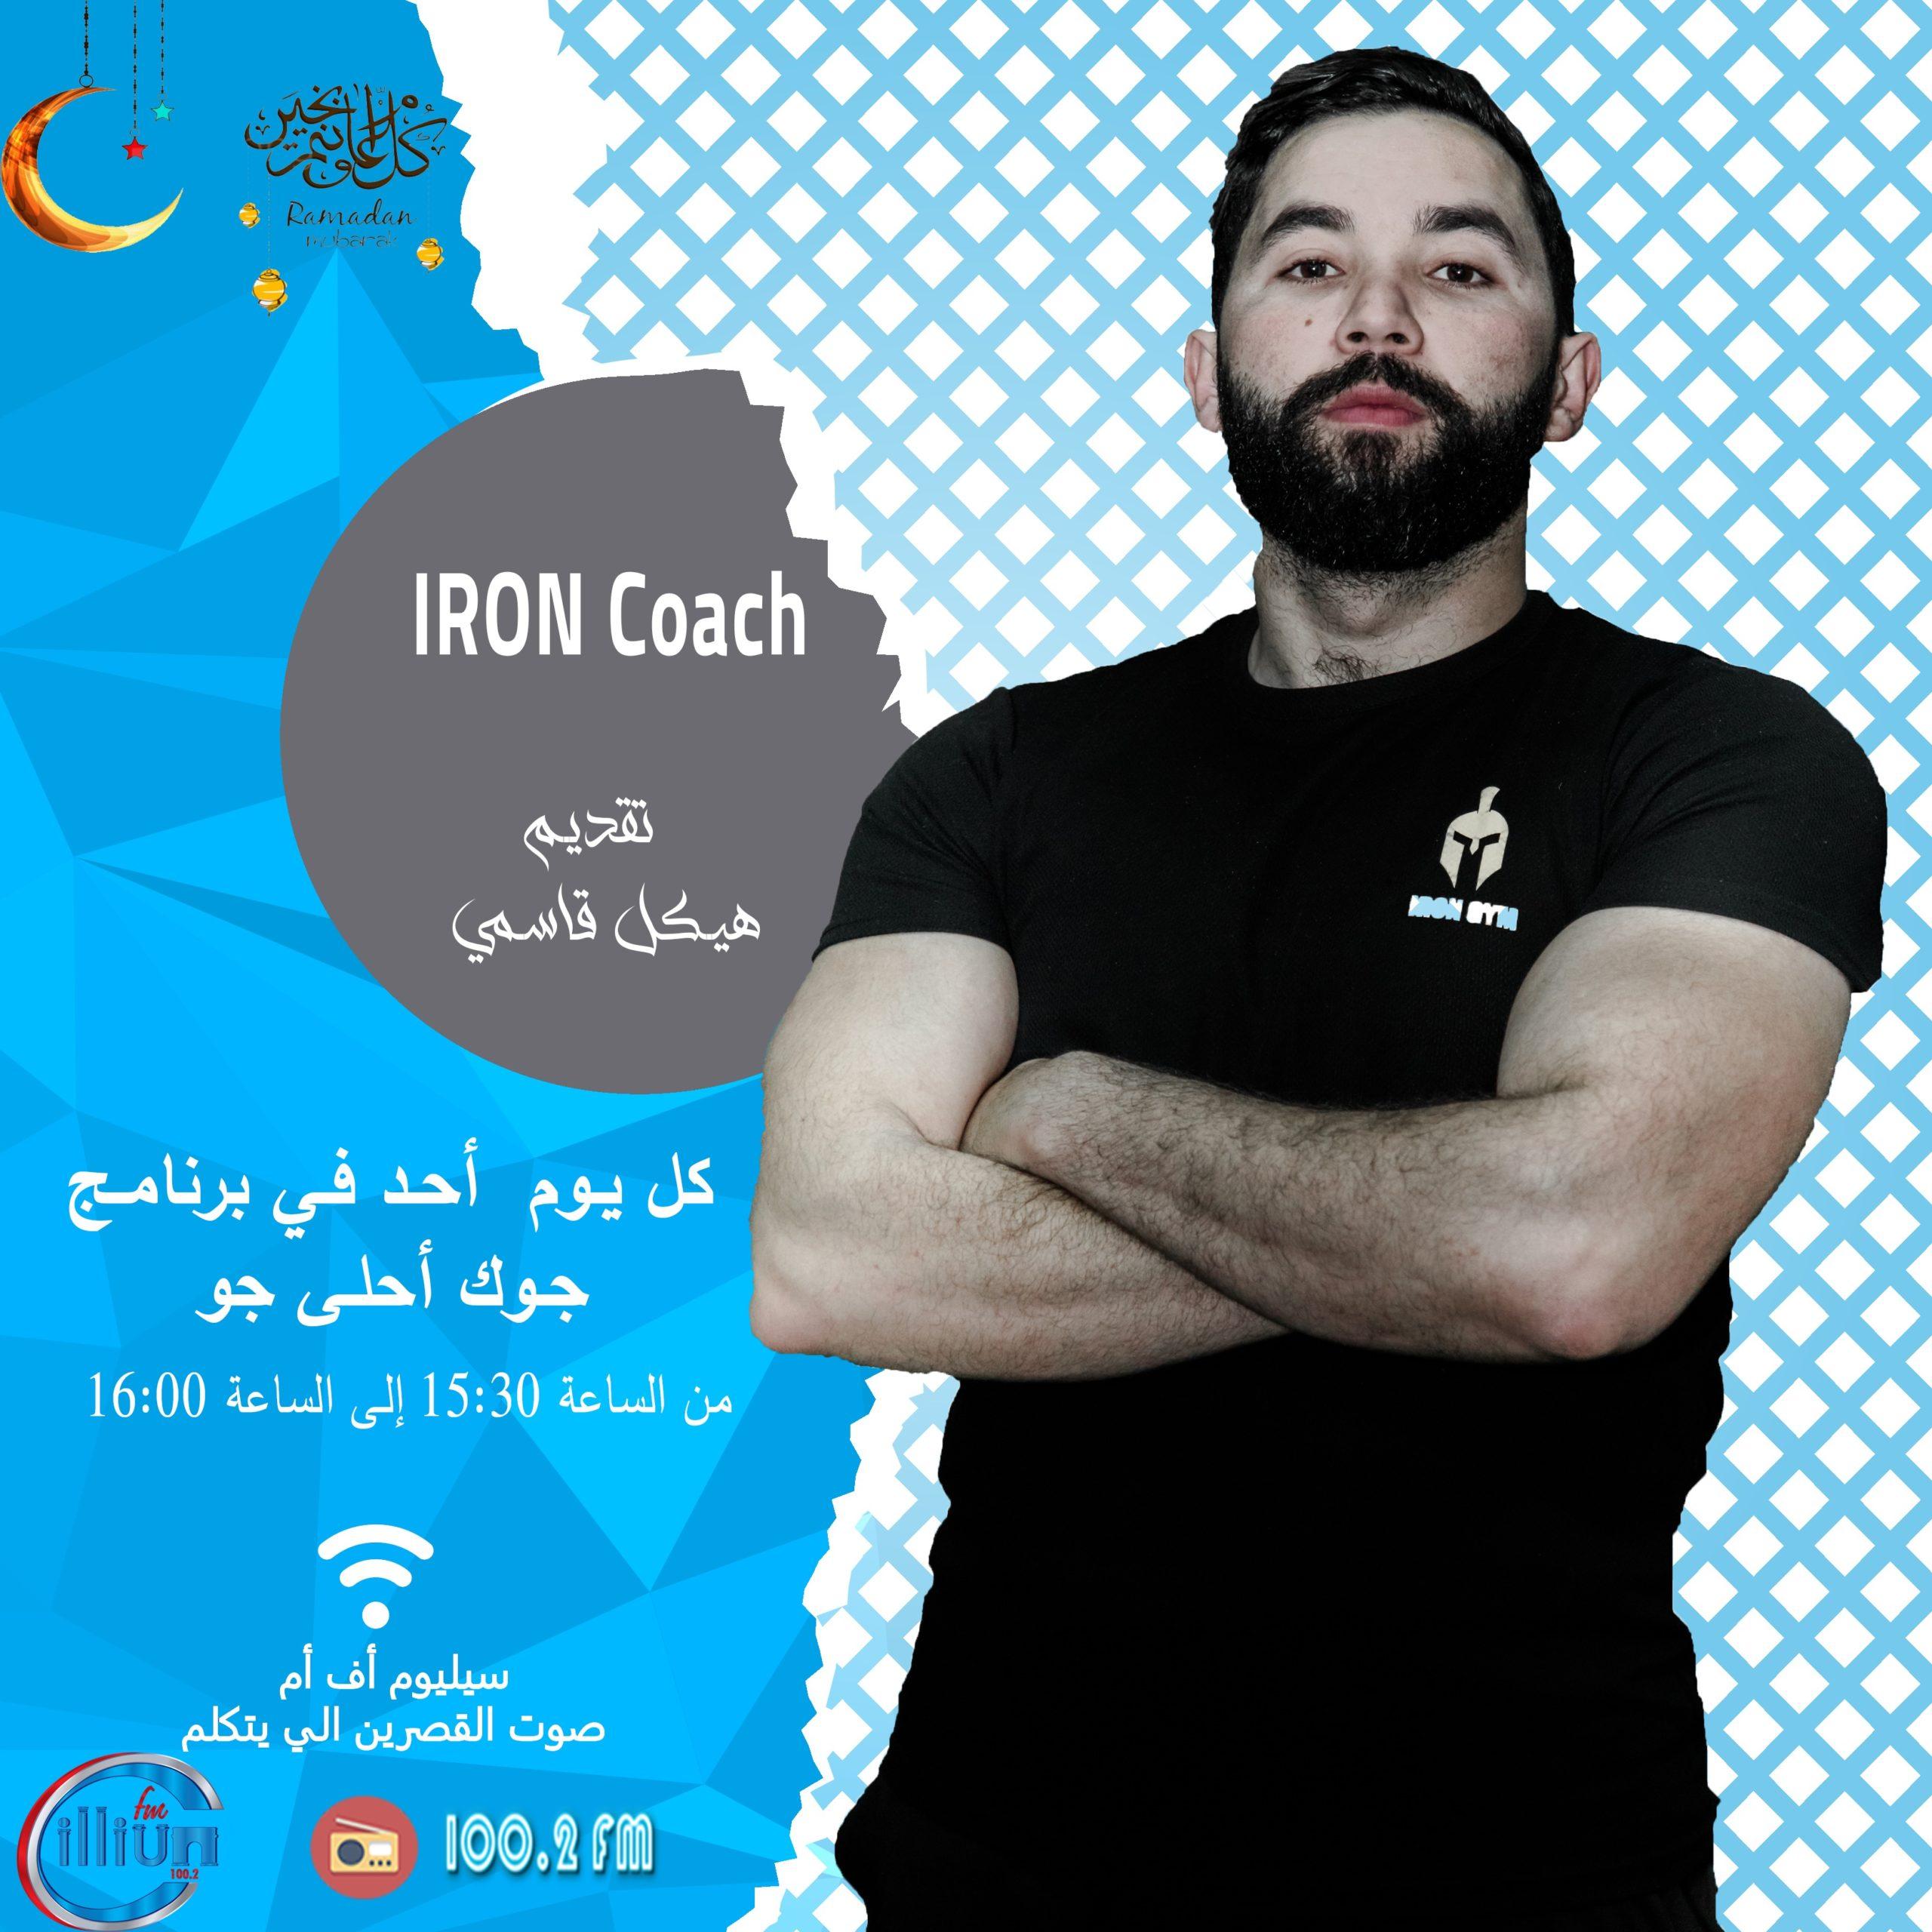 IRON Coach